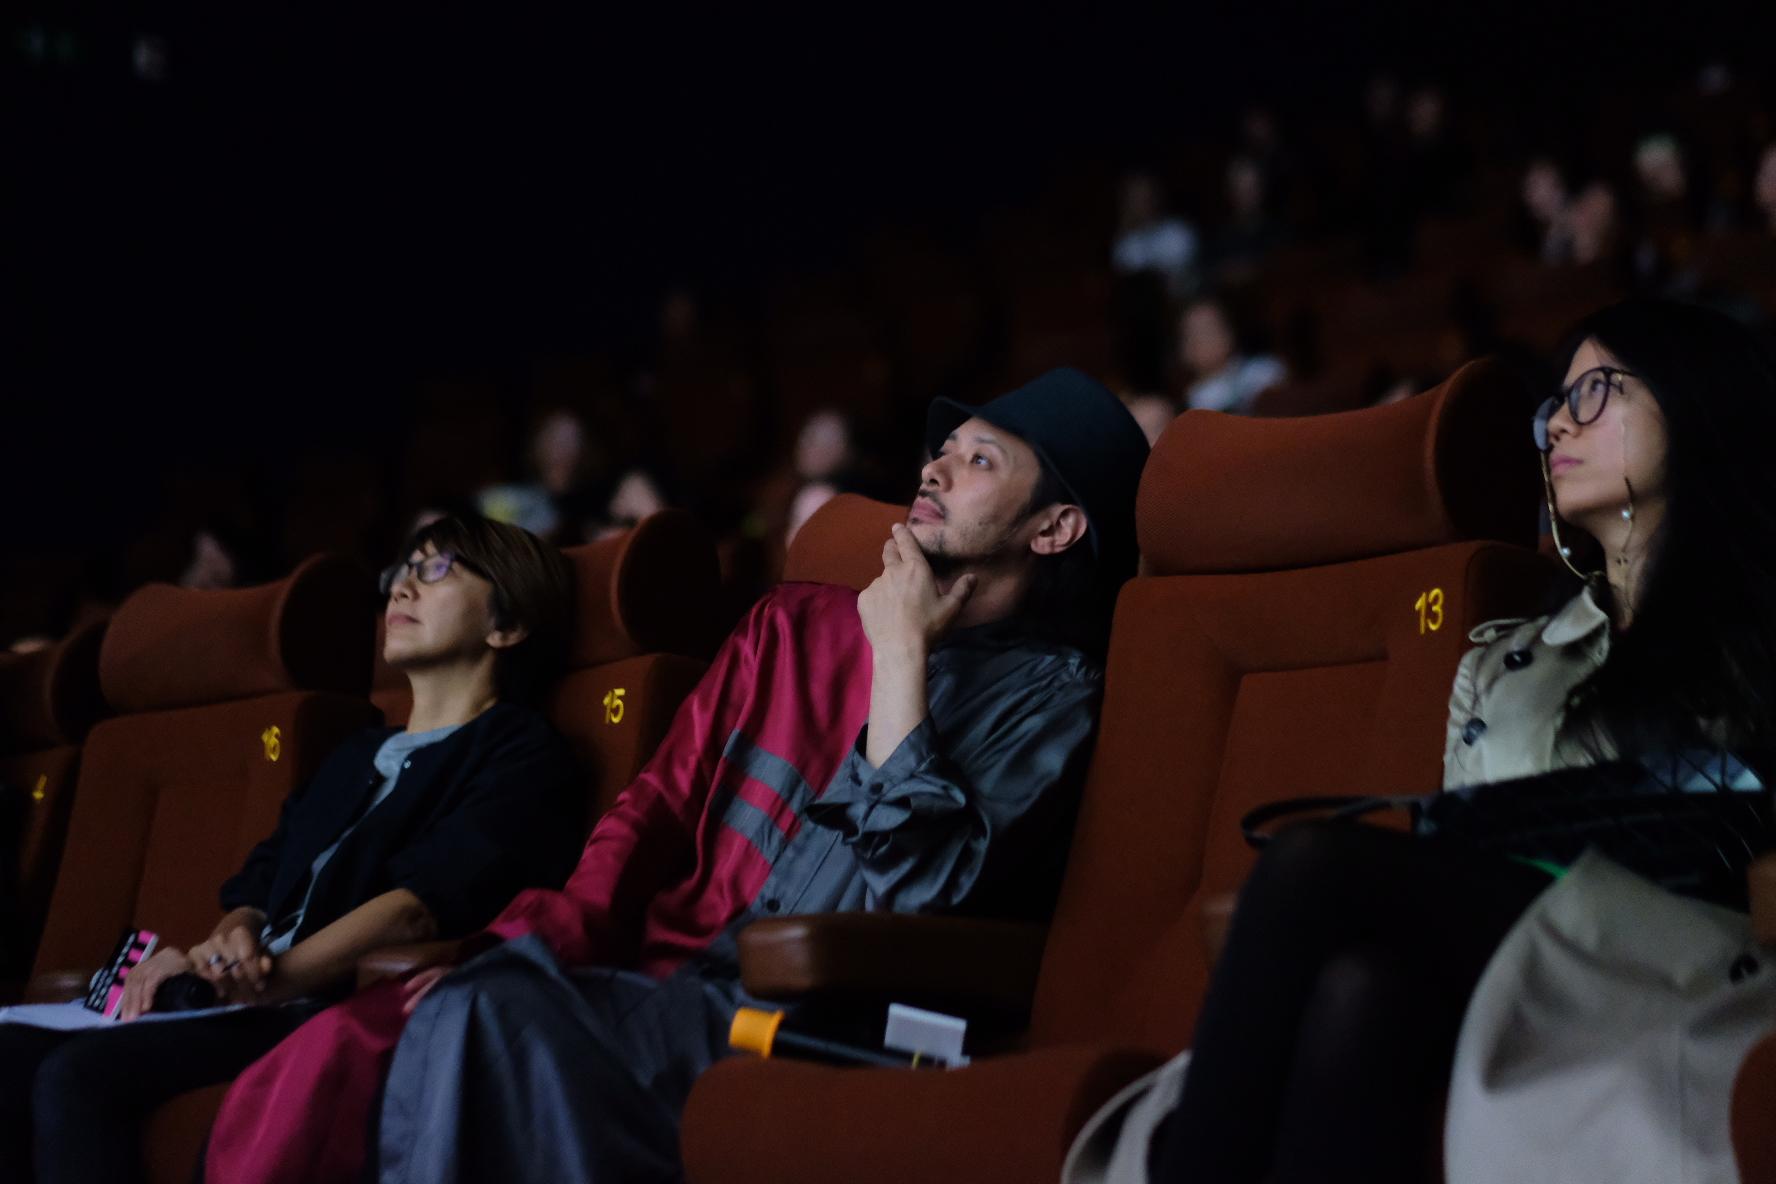 小田切來港跟影迷一同觀賞執導的《從不一漾》,相當入神。